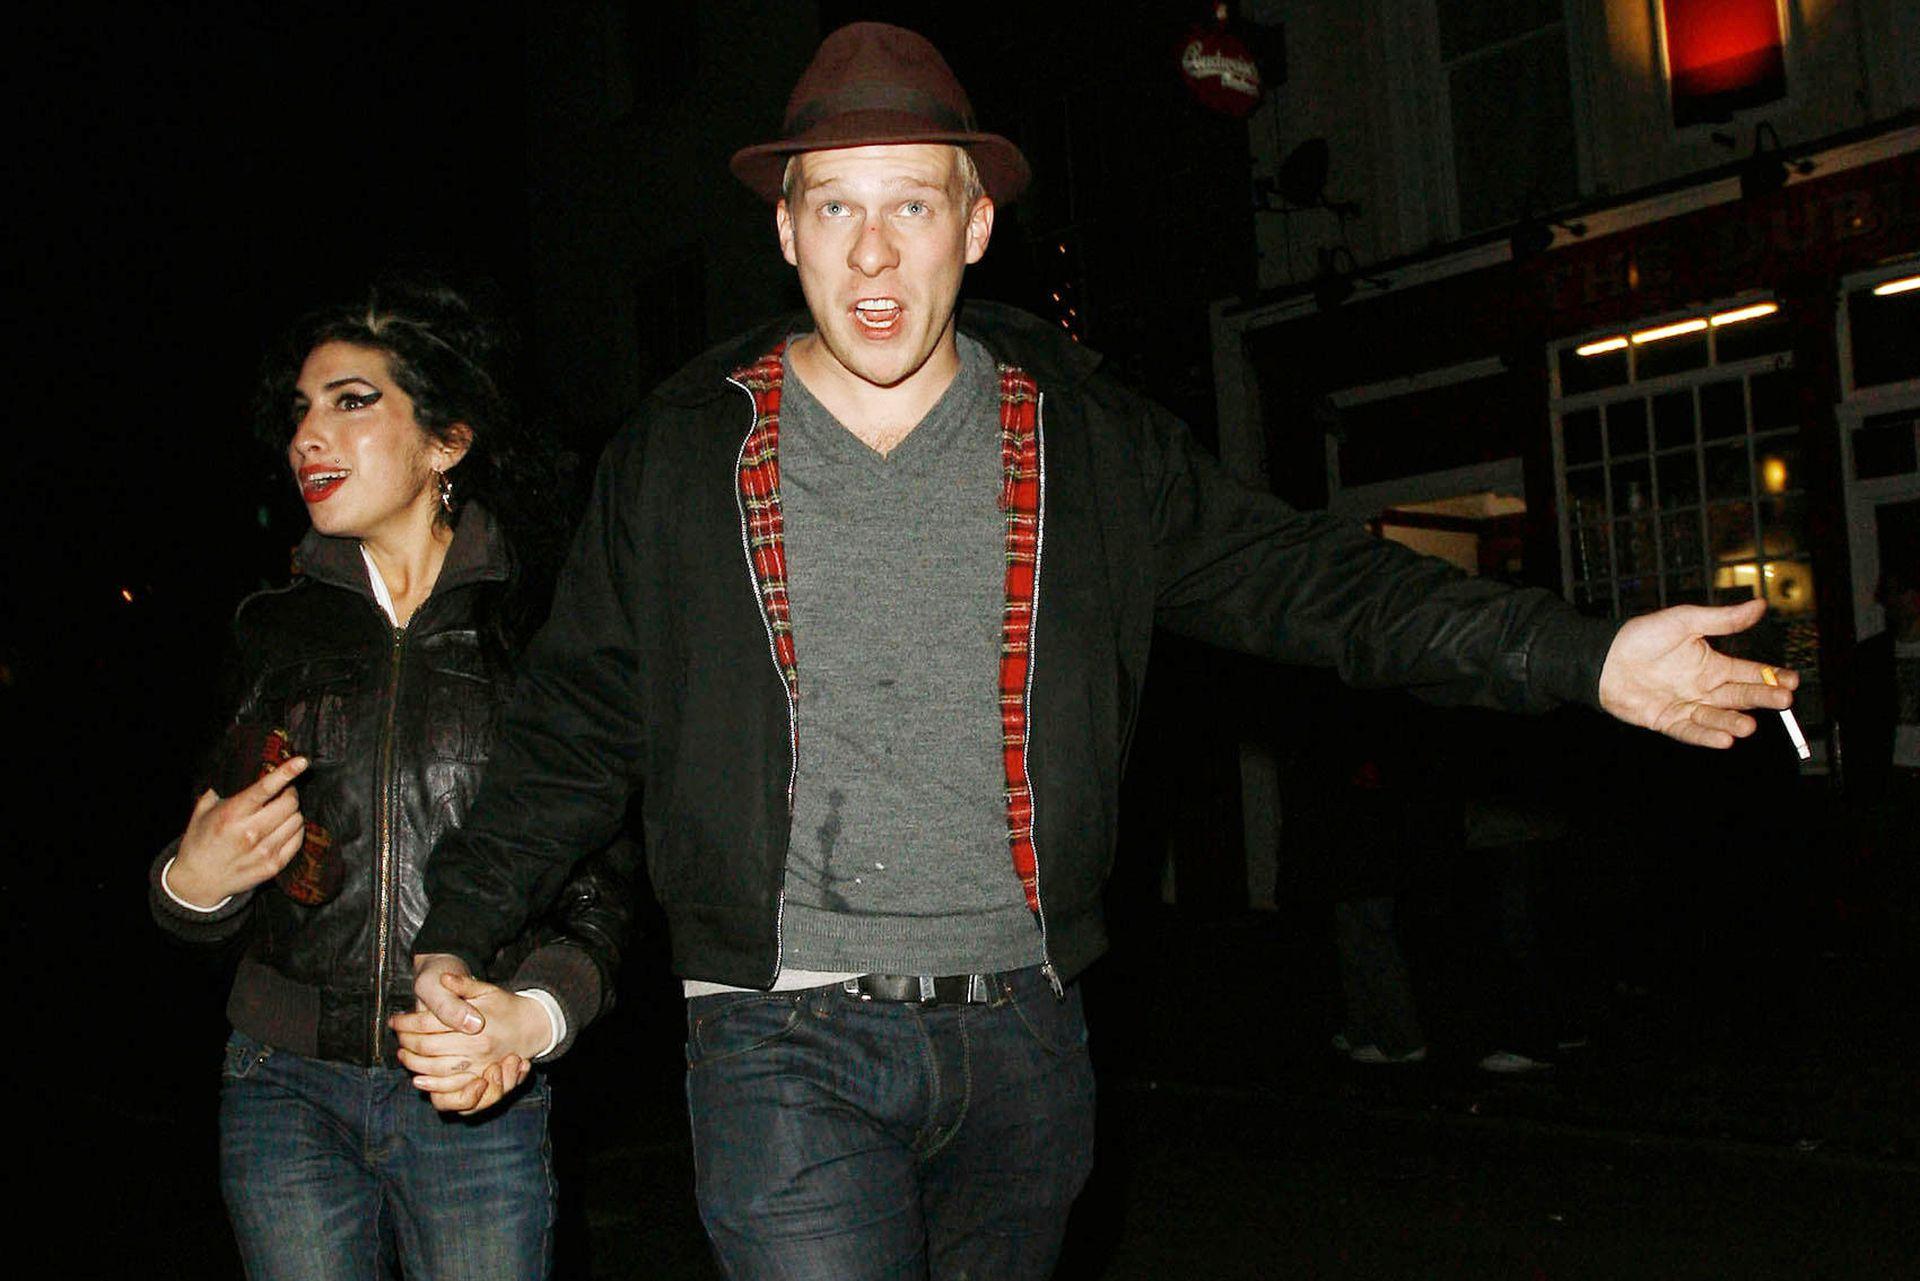 La artista estuvo en pareja con el músico Alex Clare en un impasse de su noviazgo con Fielder-Civil